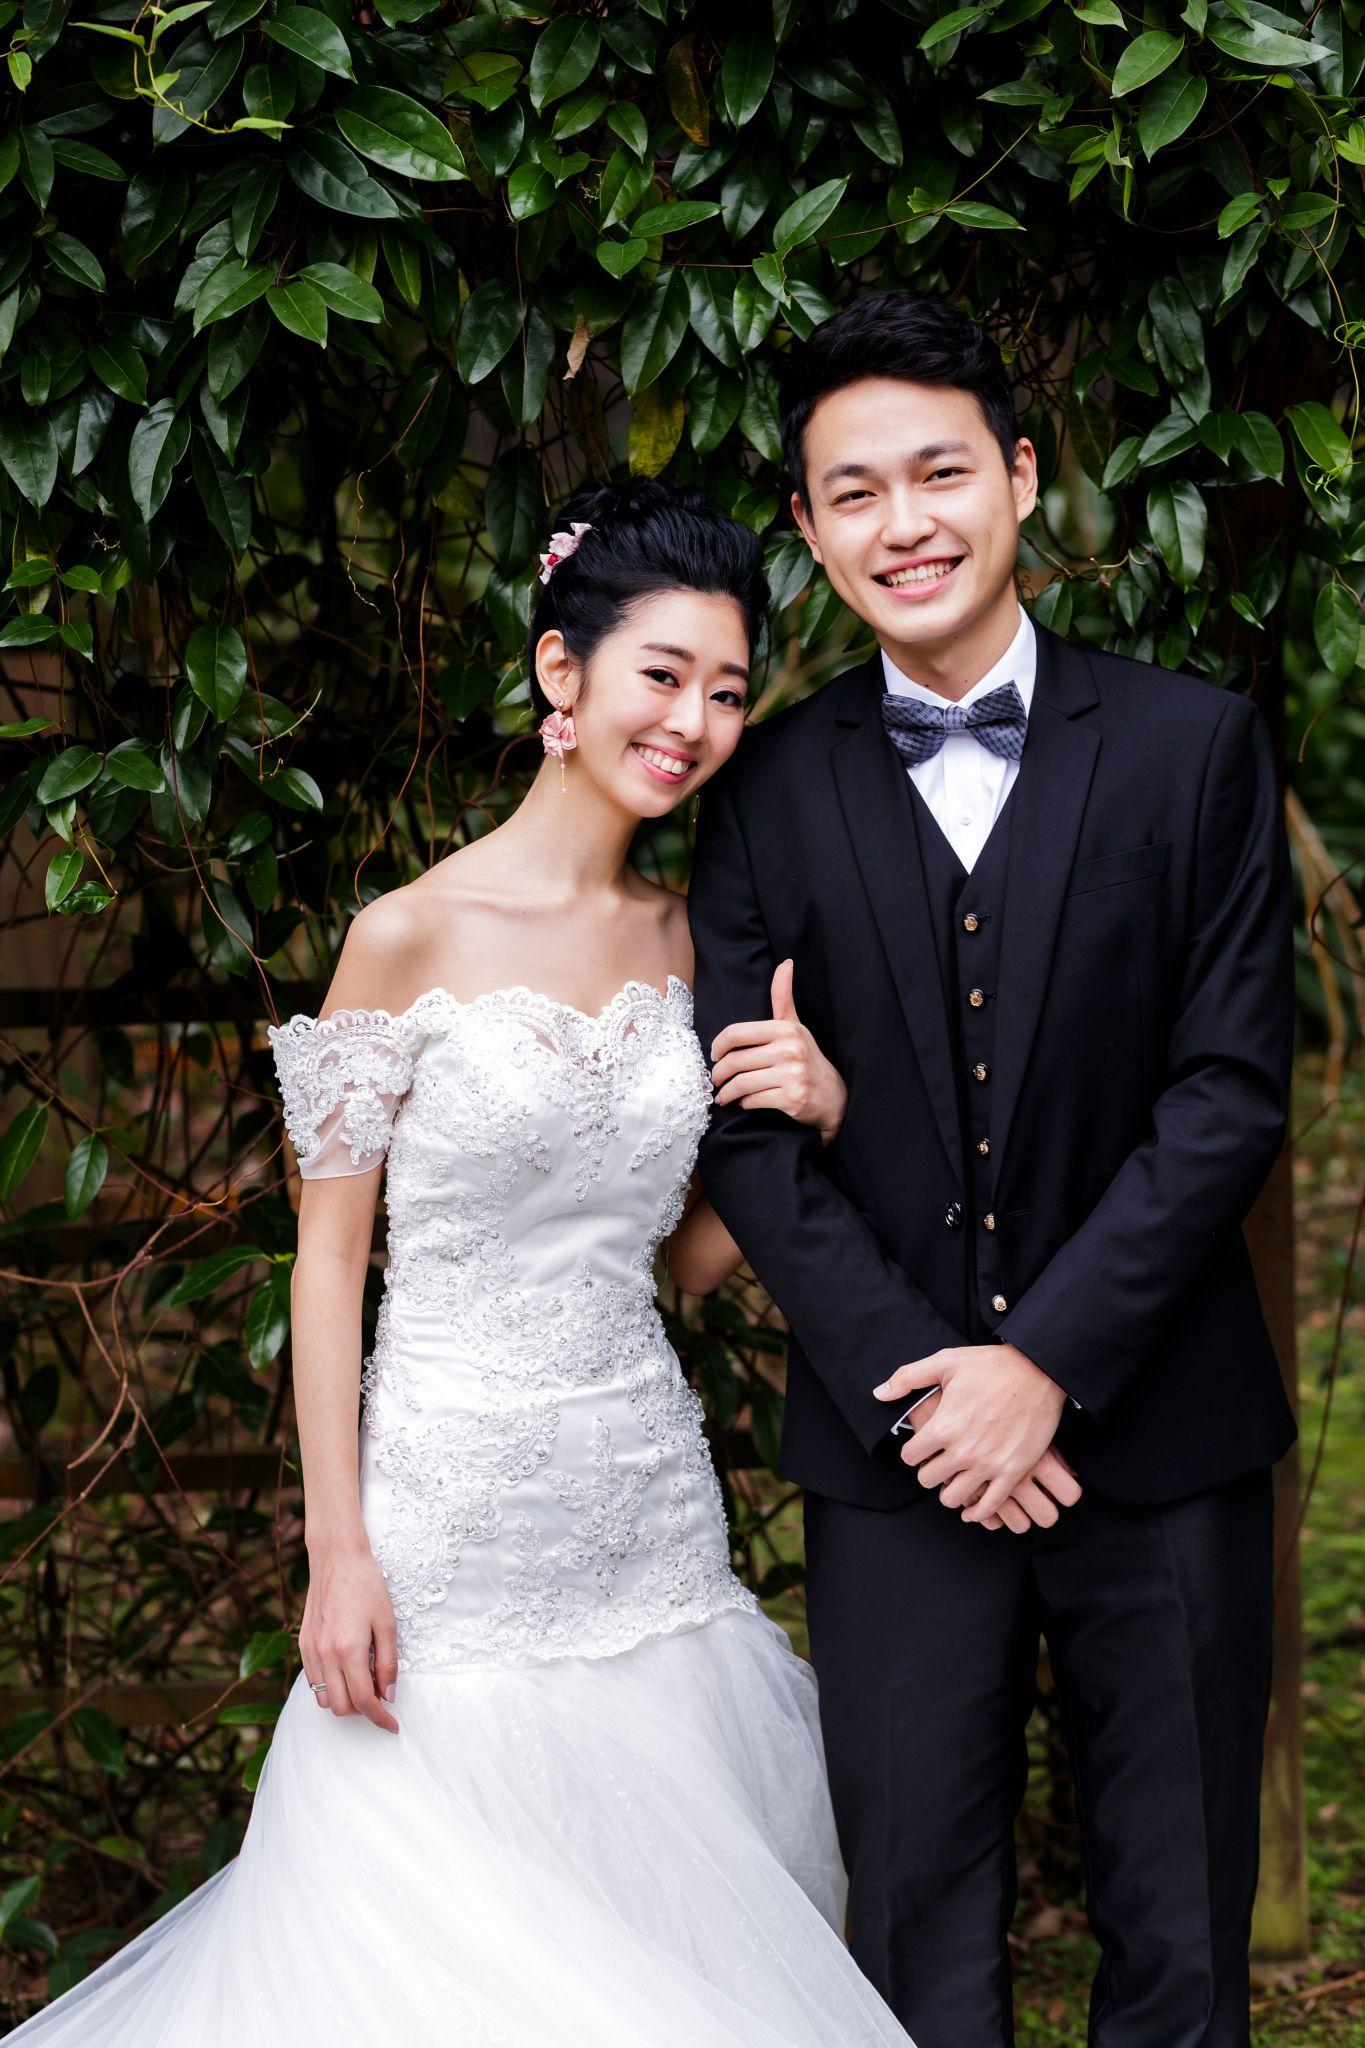 自助婚紗-高雄婚紗包套-婚攝森森, 森林系婚紗